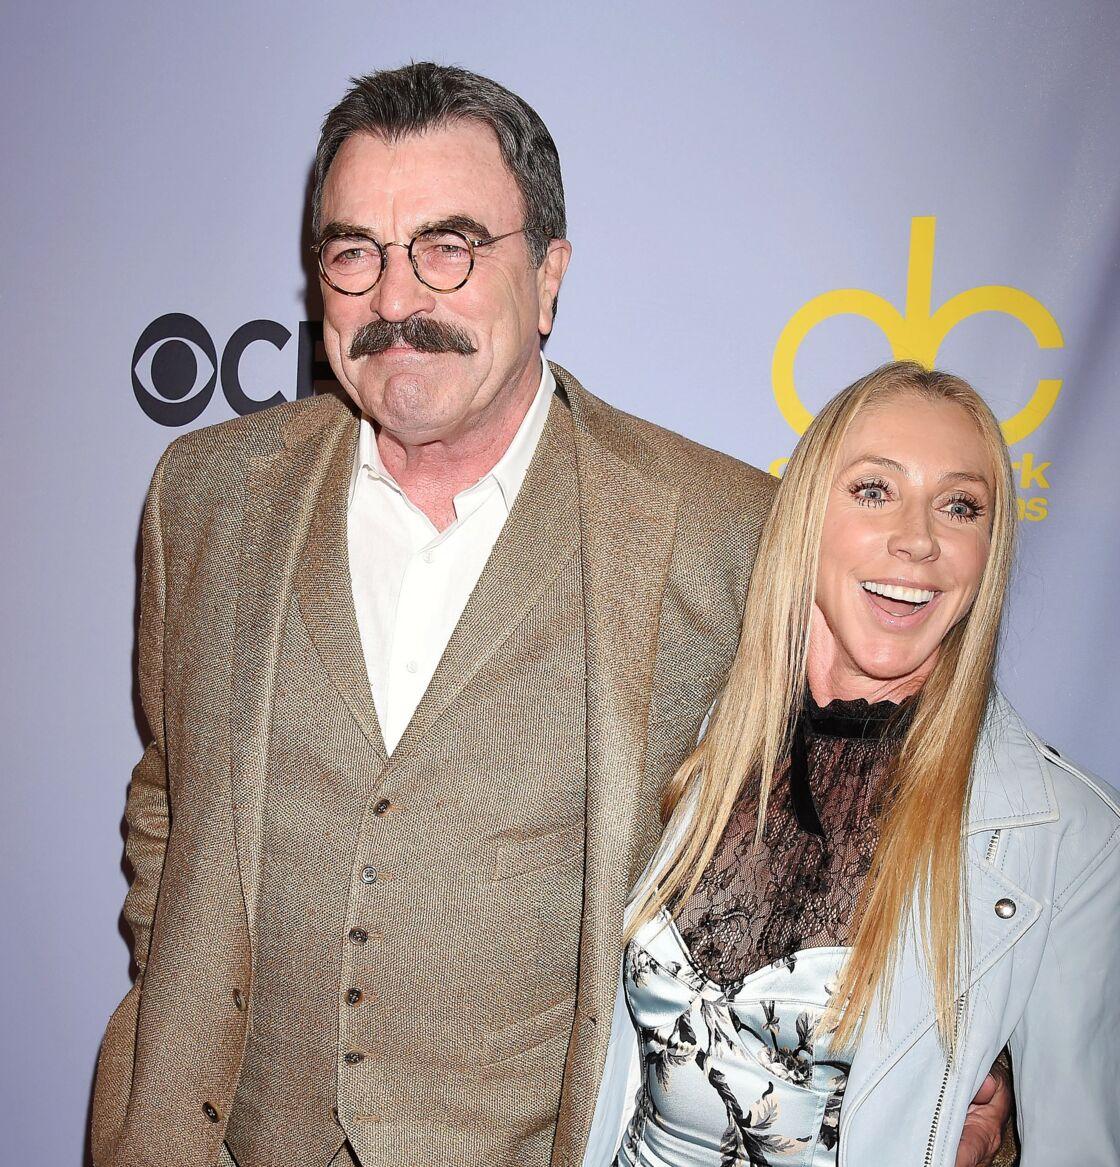 Tom Selleck et sa femme Jillie Mack, au 50e anniversaire du Carol Burnett Show au studio CBS à Los Angeles,, le 4 octobre 2017.